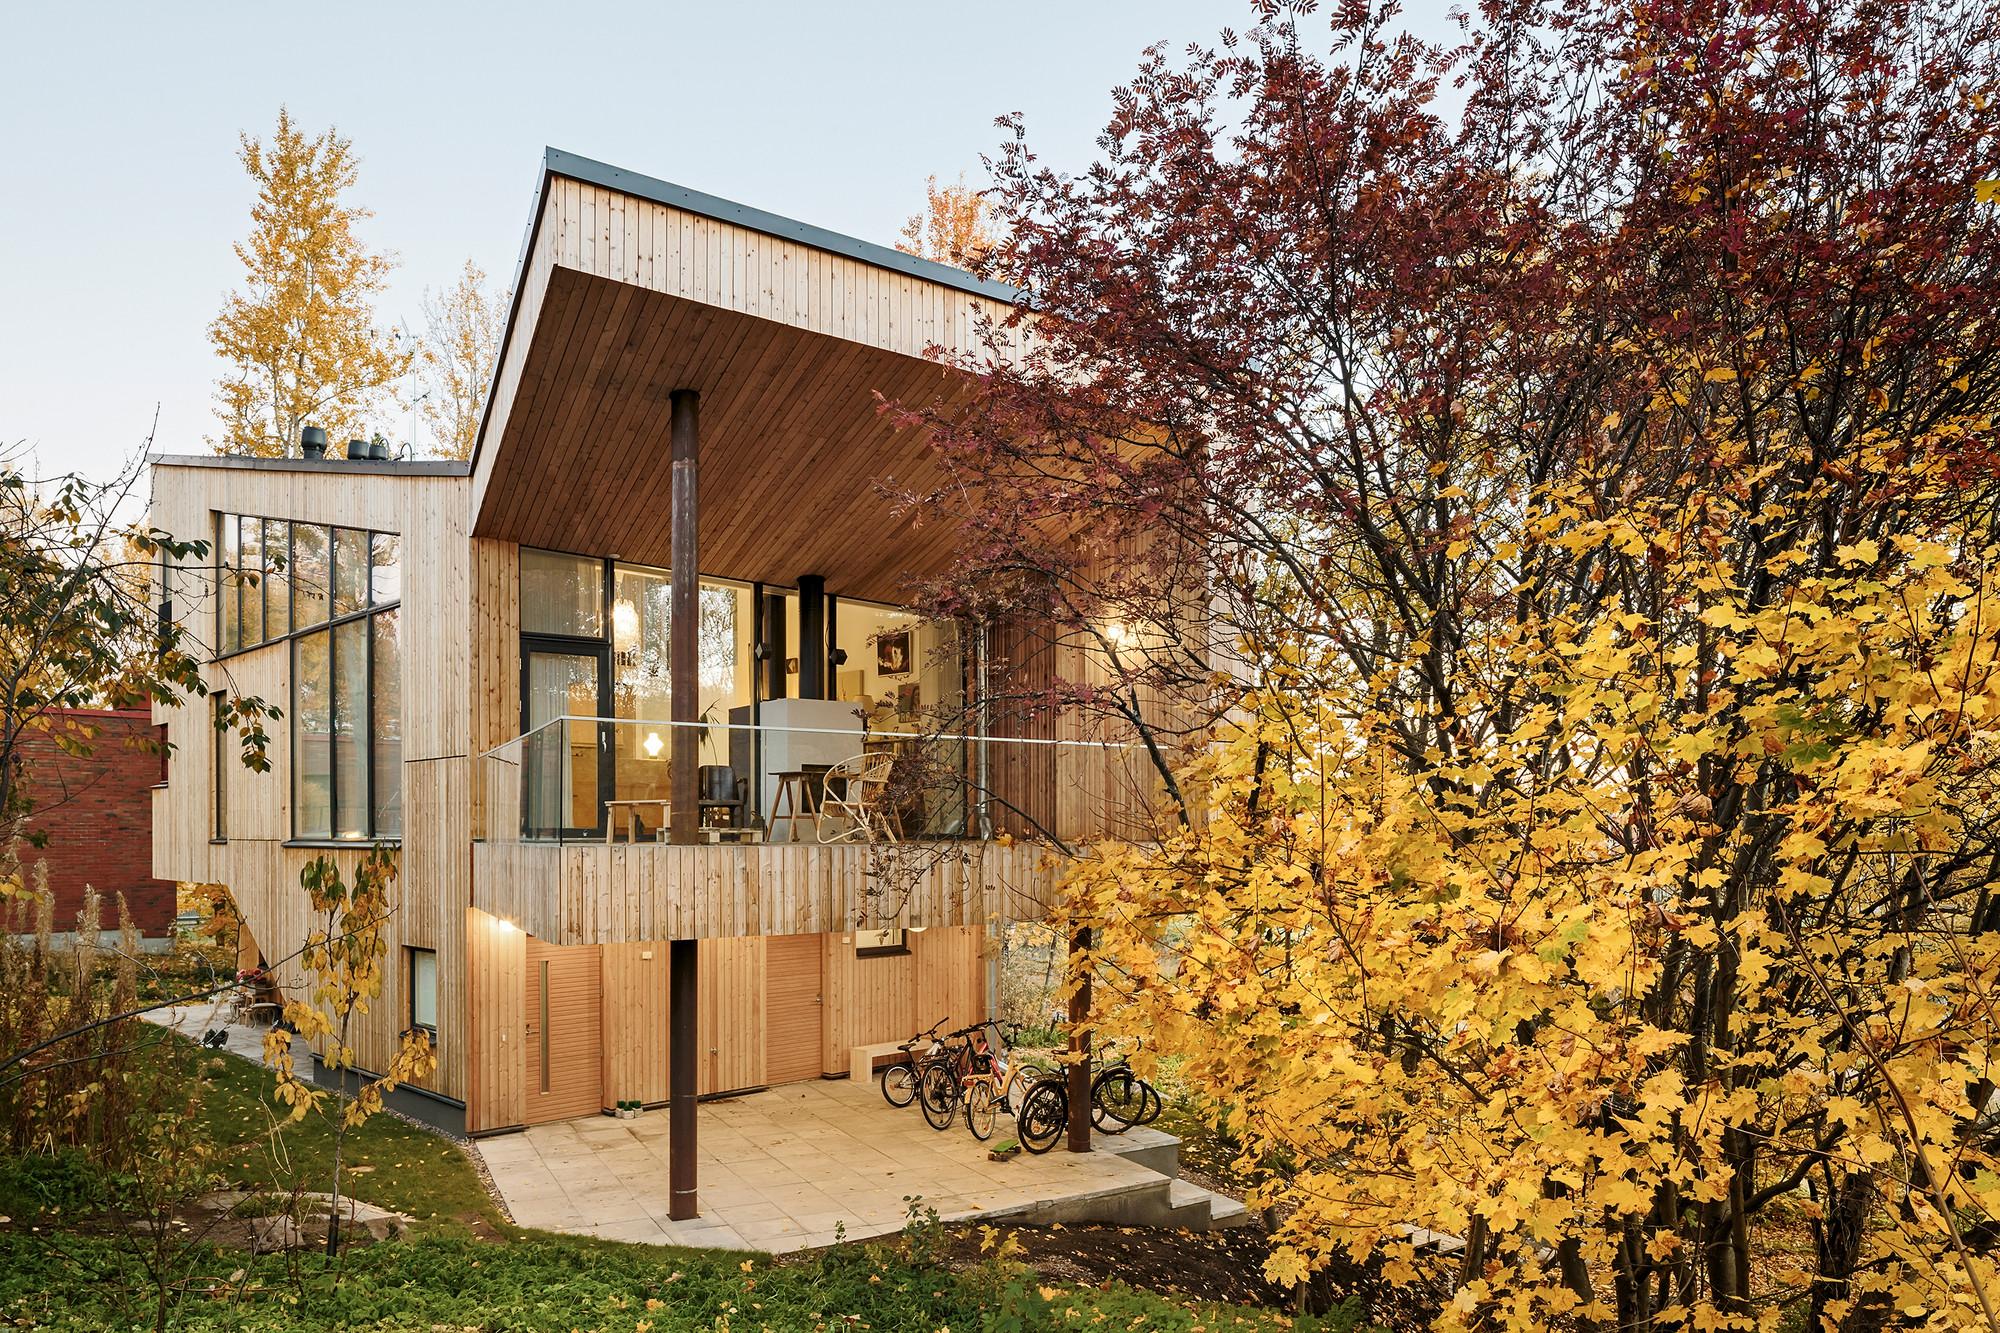 House M-M / Tuomas Siitonen Office, © Tuomas Uusheimo